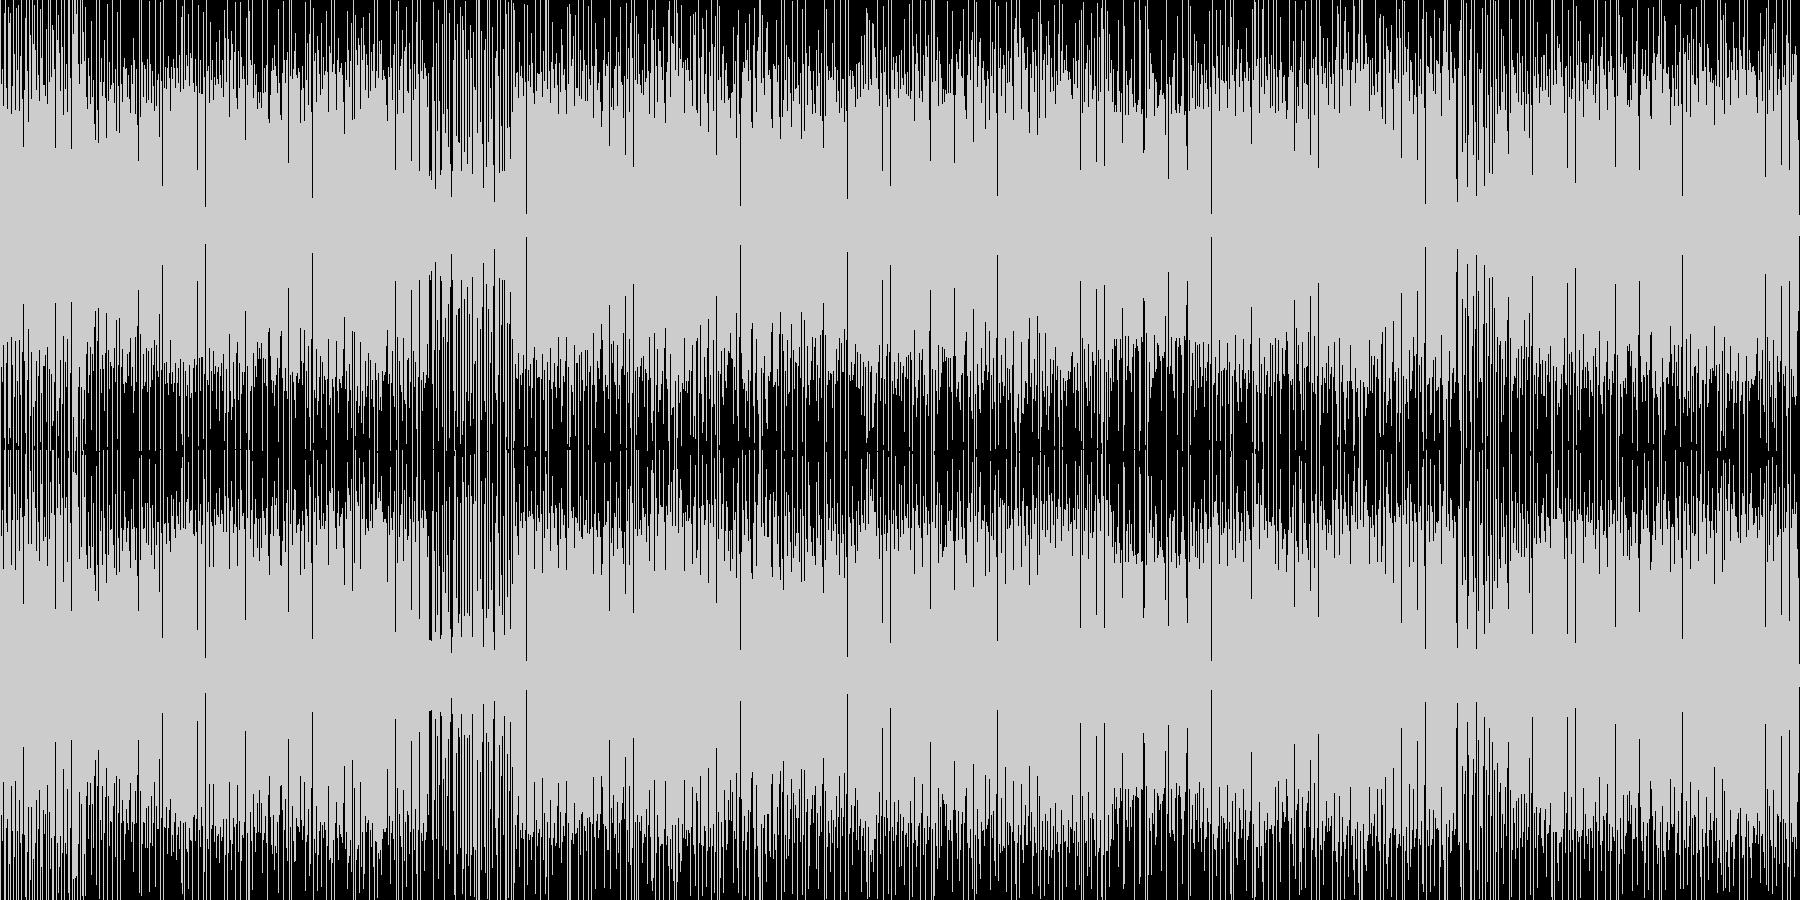 ヘタうま感たっぷりなレゲエポップの未再生の波形